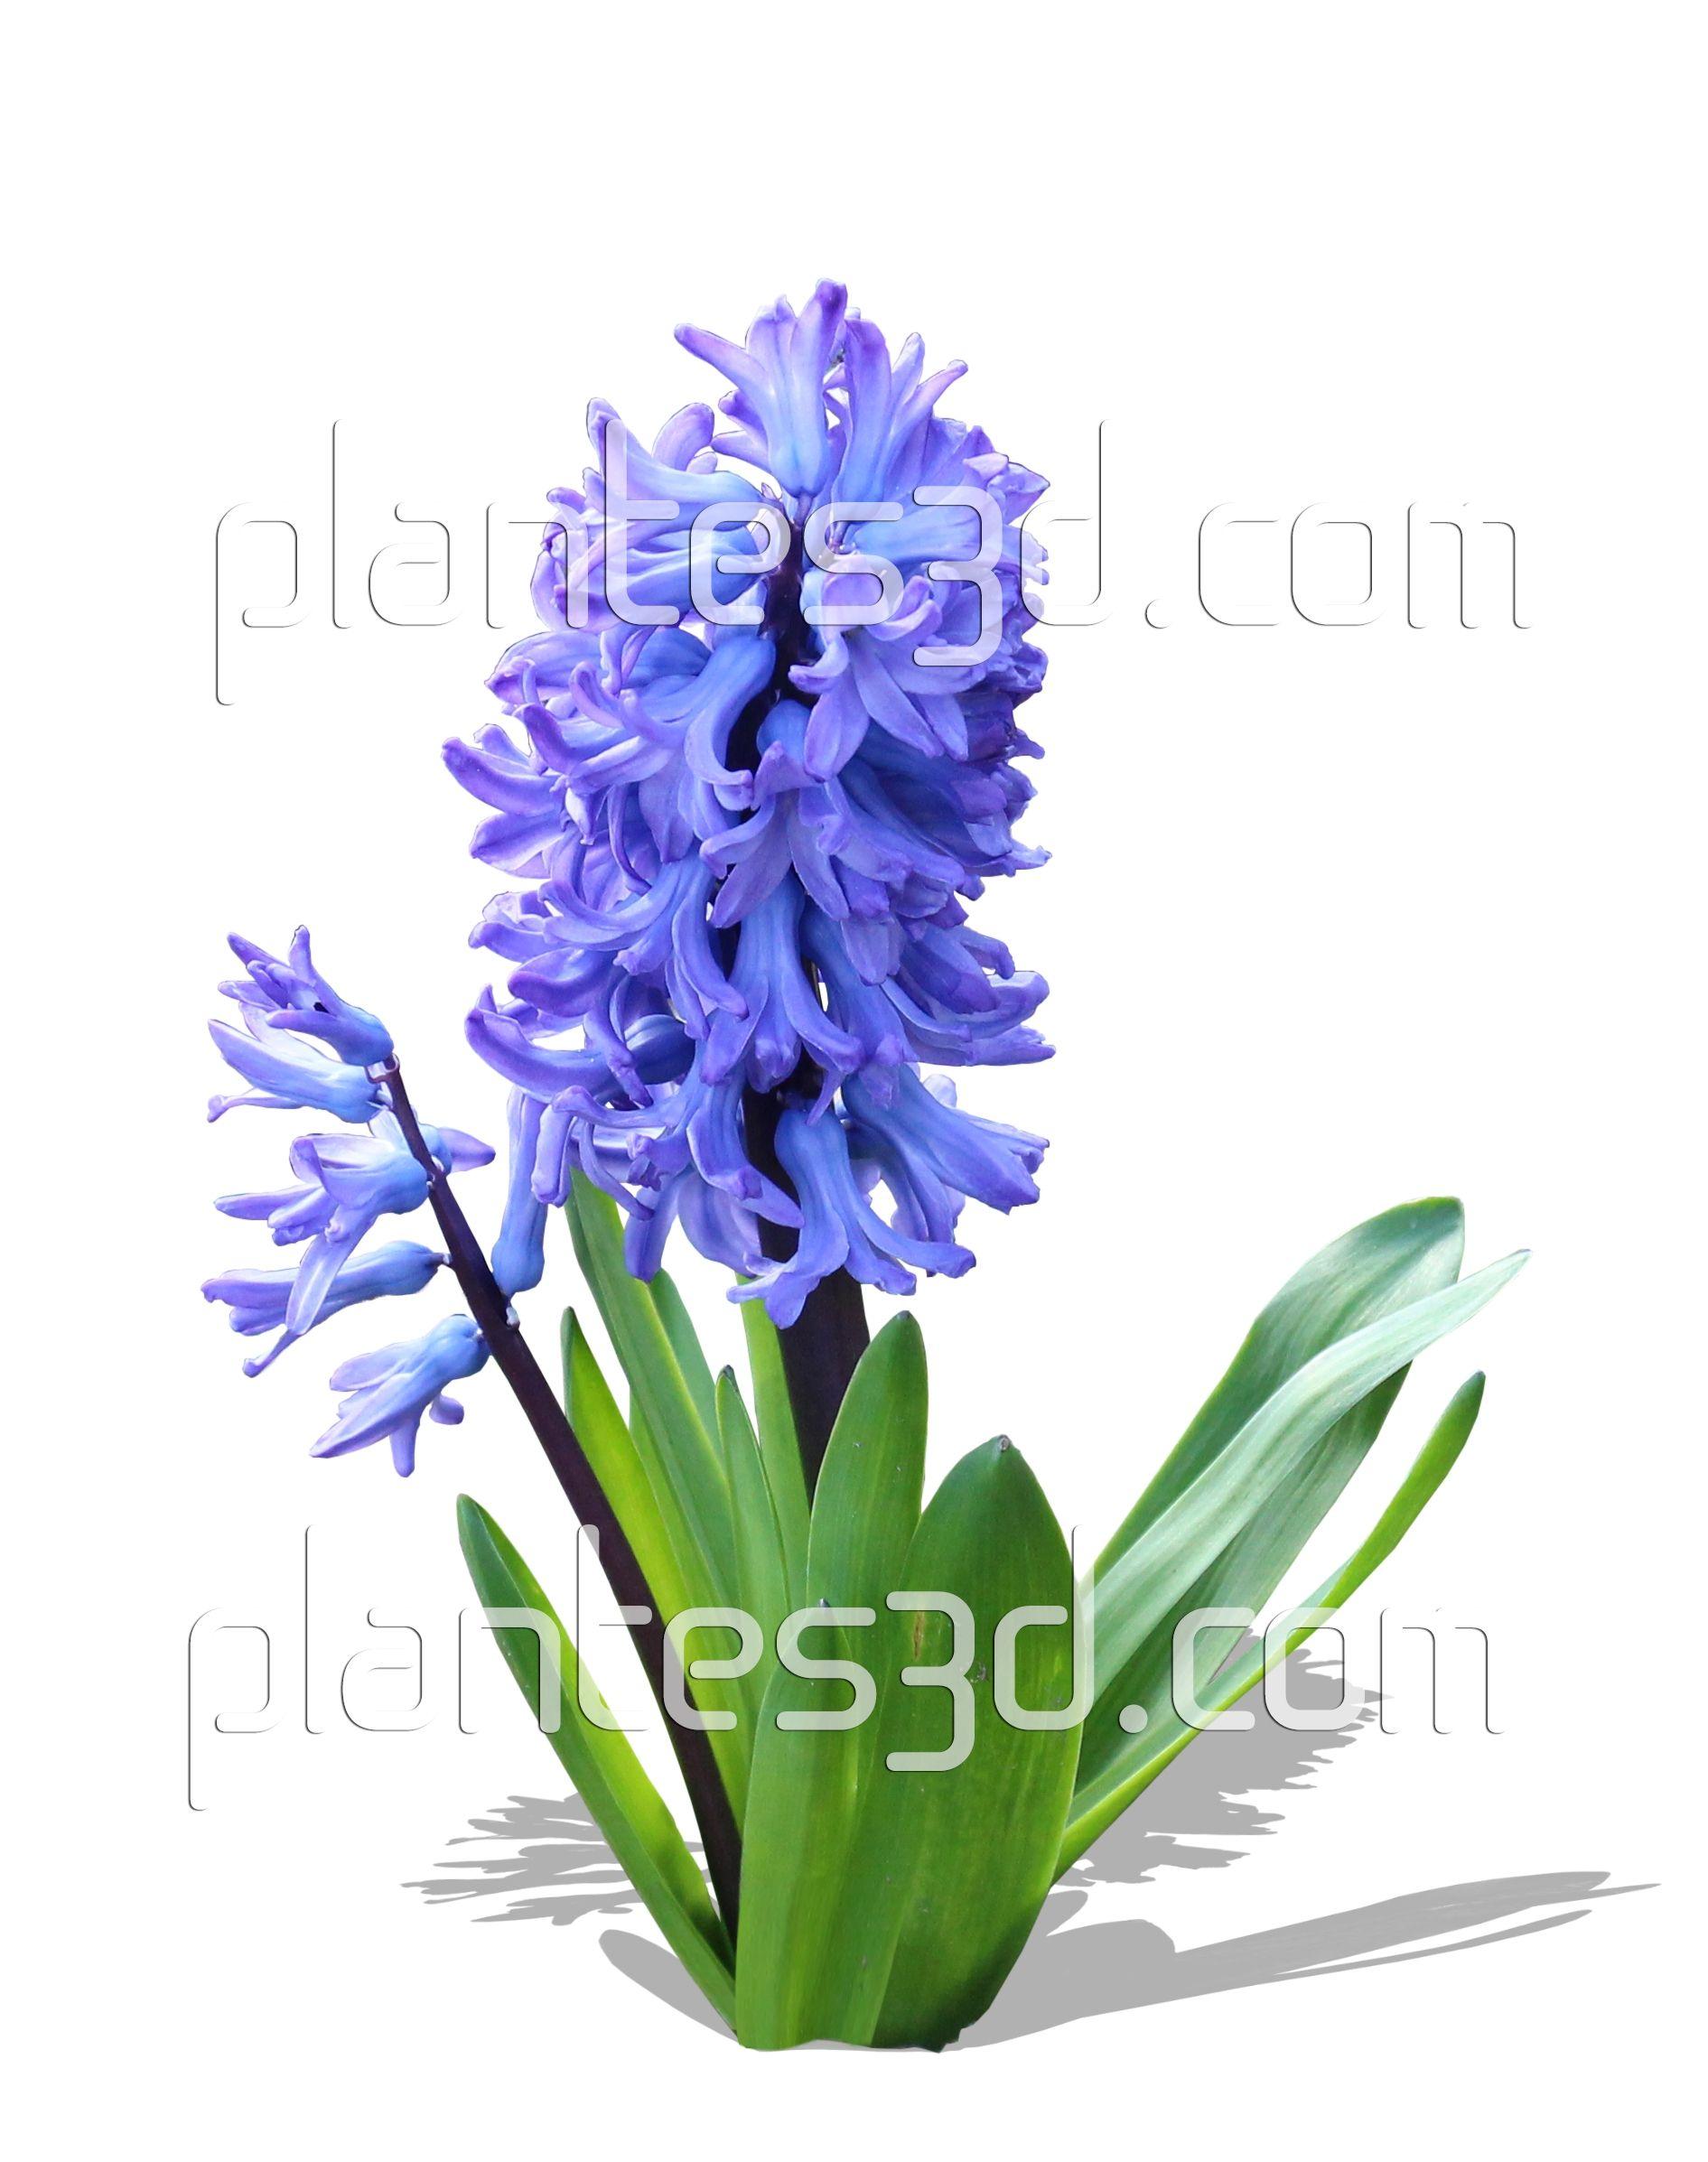 Free cutout flowers image d tour e gratuite hyacinthus bulbe de jacinthe png bulbes - Bulbe de jacinthe ...